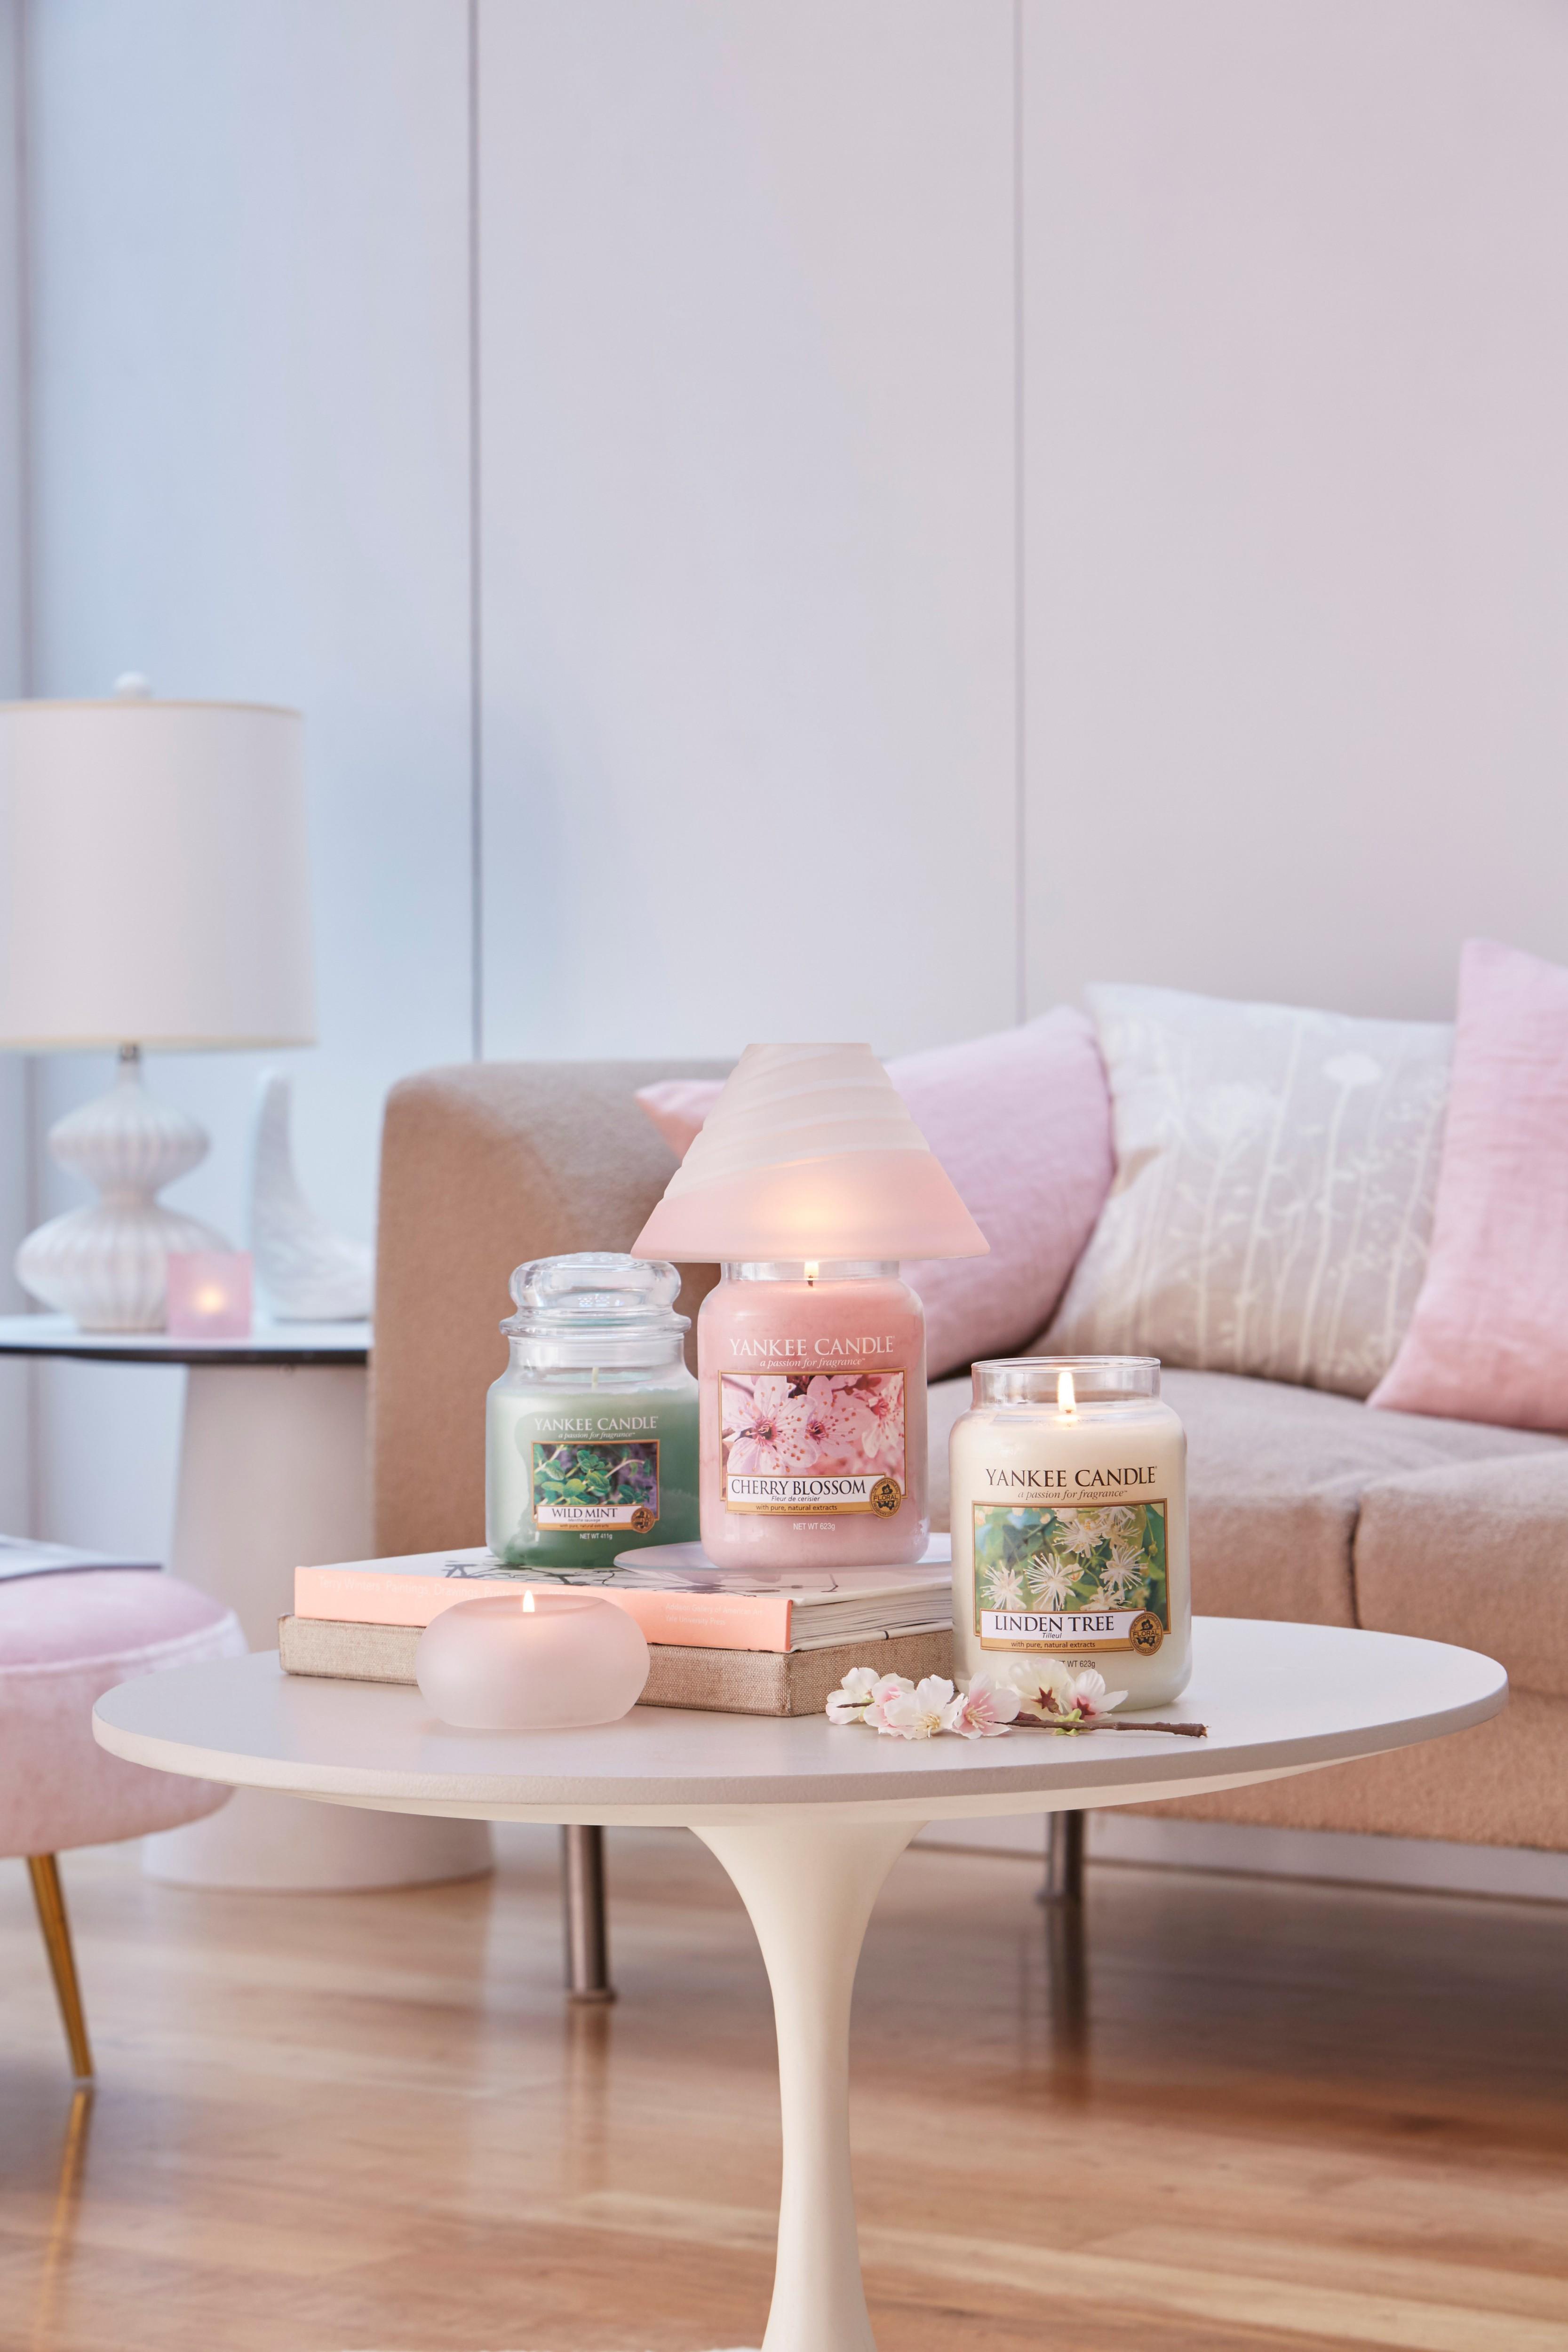 Přivítejte jaro s kolekcí Pure Essence od Yankee Candle